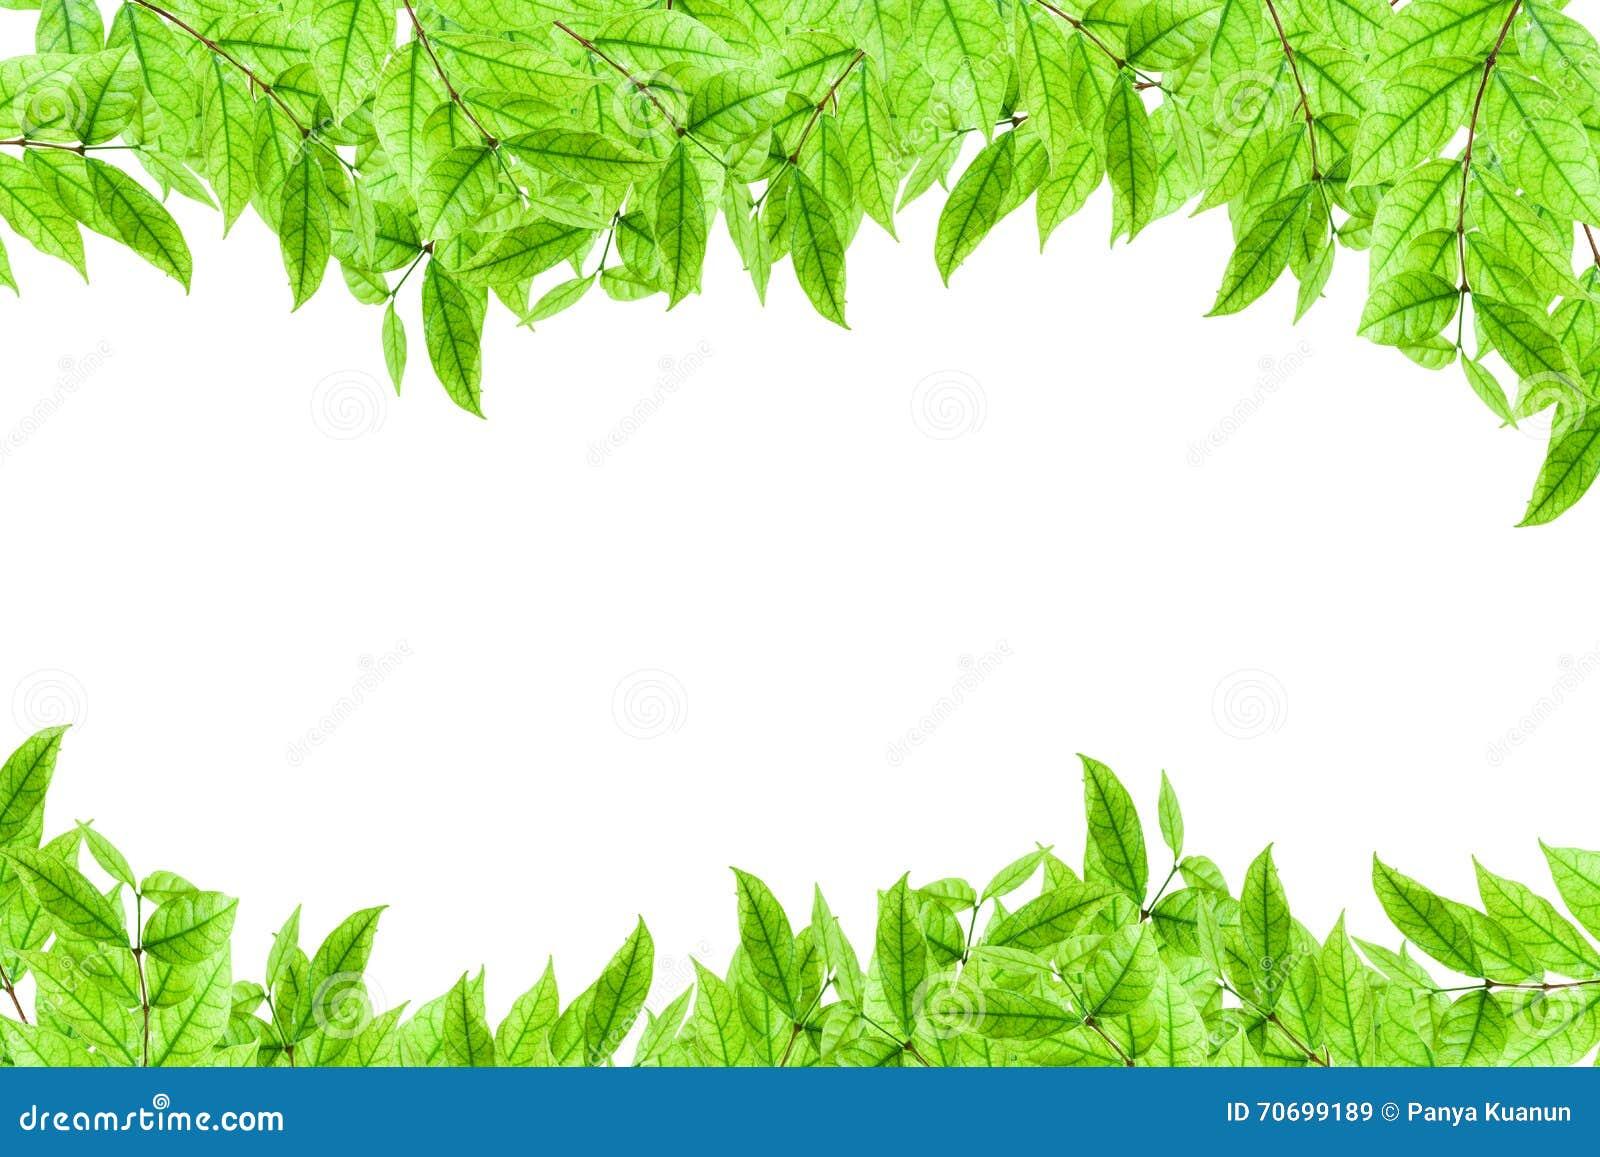 Marco Joven Fresco De La Planta Verde Y De La Hoja En El